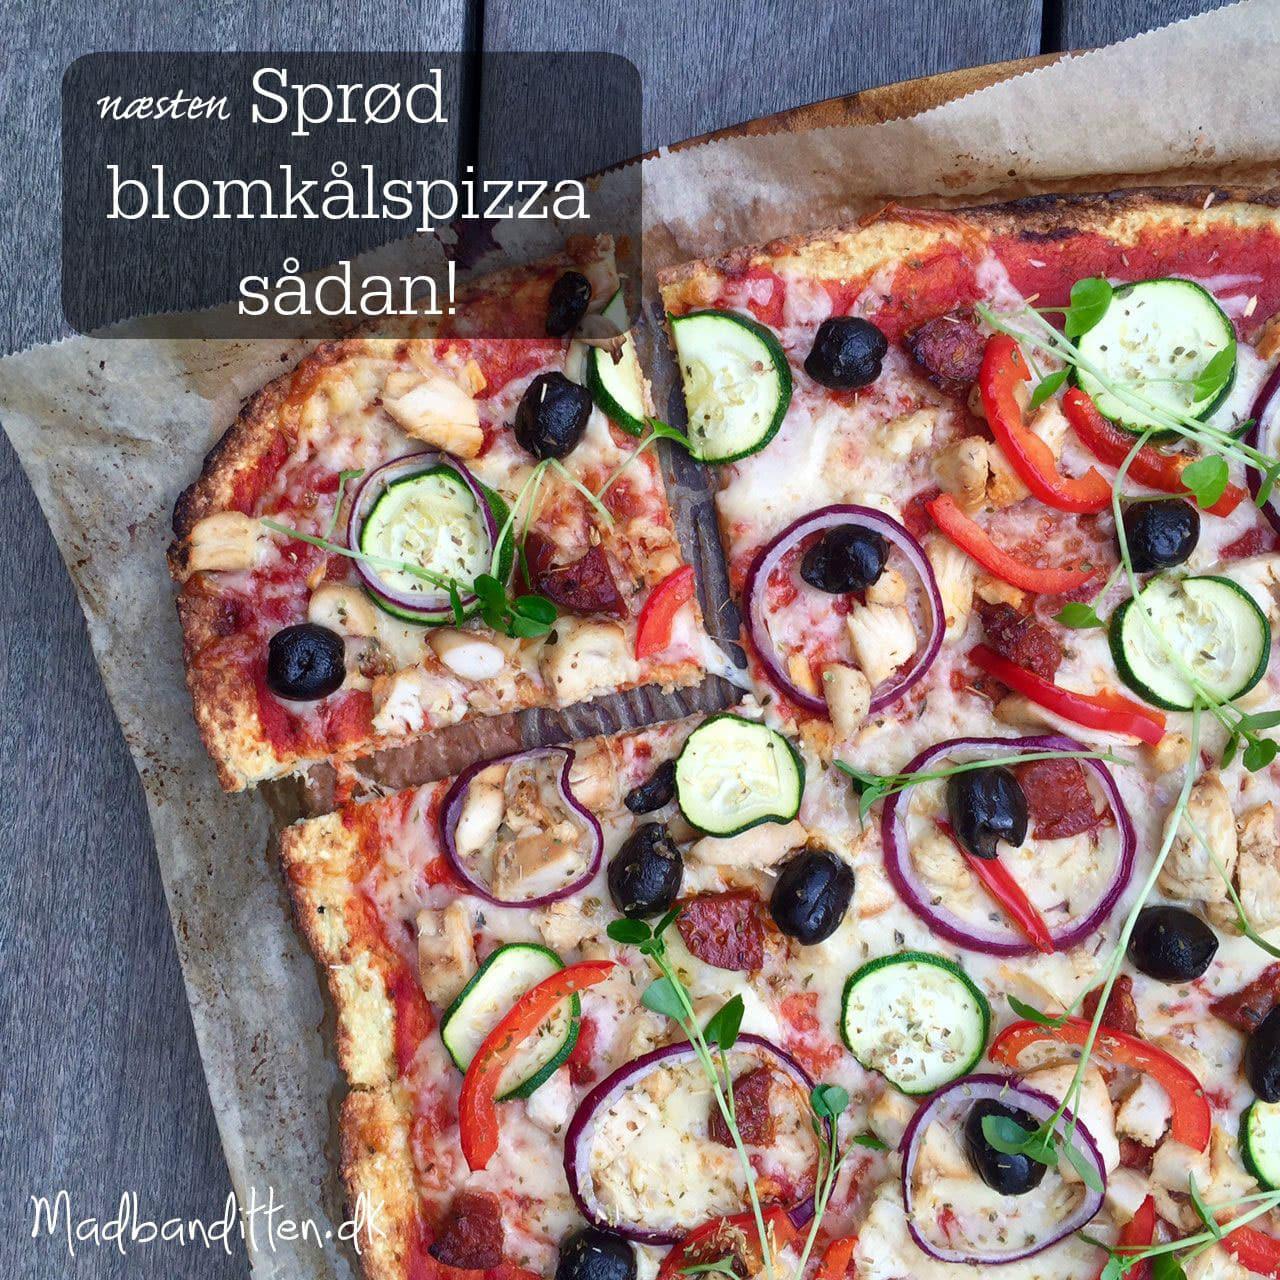 Blomkålspizza : Sådan laver du sprød blomkålspizza! Hemmeligheden bag en sprød blomkålsbund! --> Madbanditten.dk